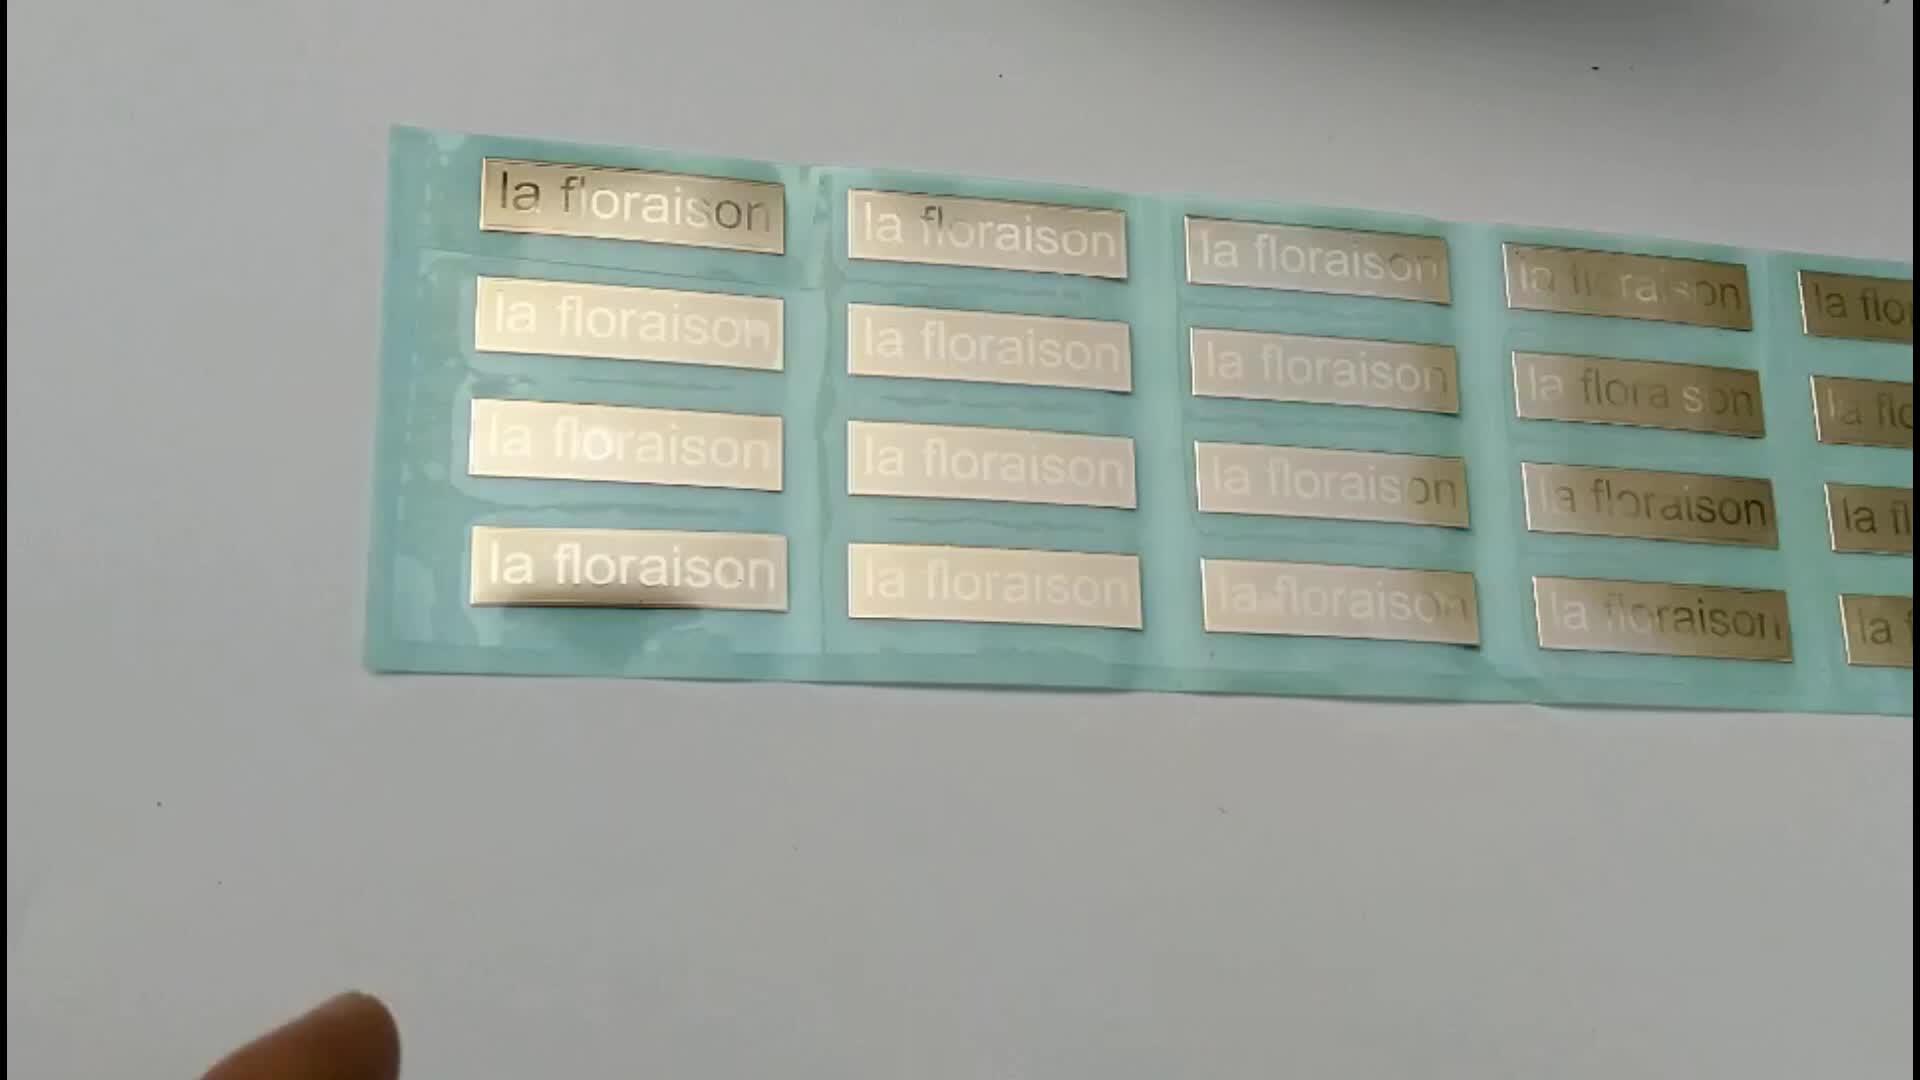 Benutzerdefinierte Klebstoff Metall Folie Aufkleber Etiketten MOQ 1 Blatt durch Freies Verschiffen